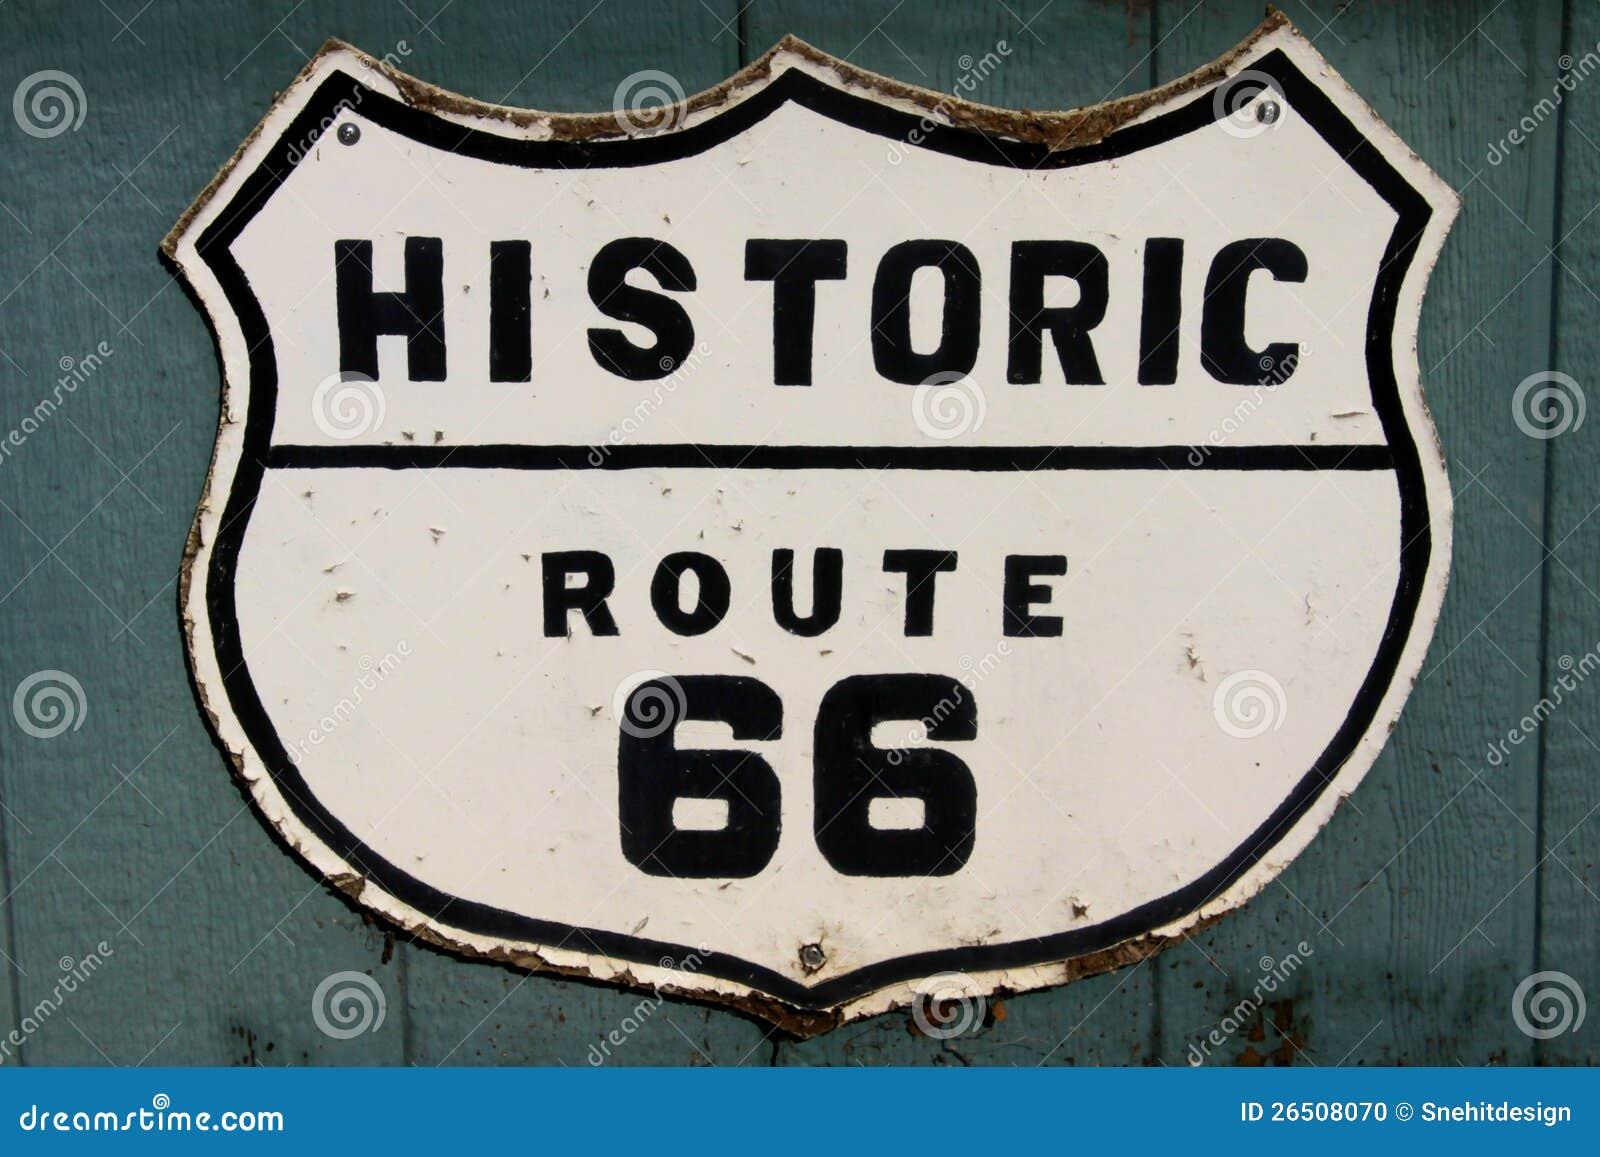 Rota histórica 66